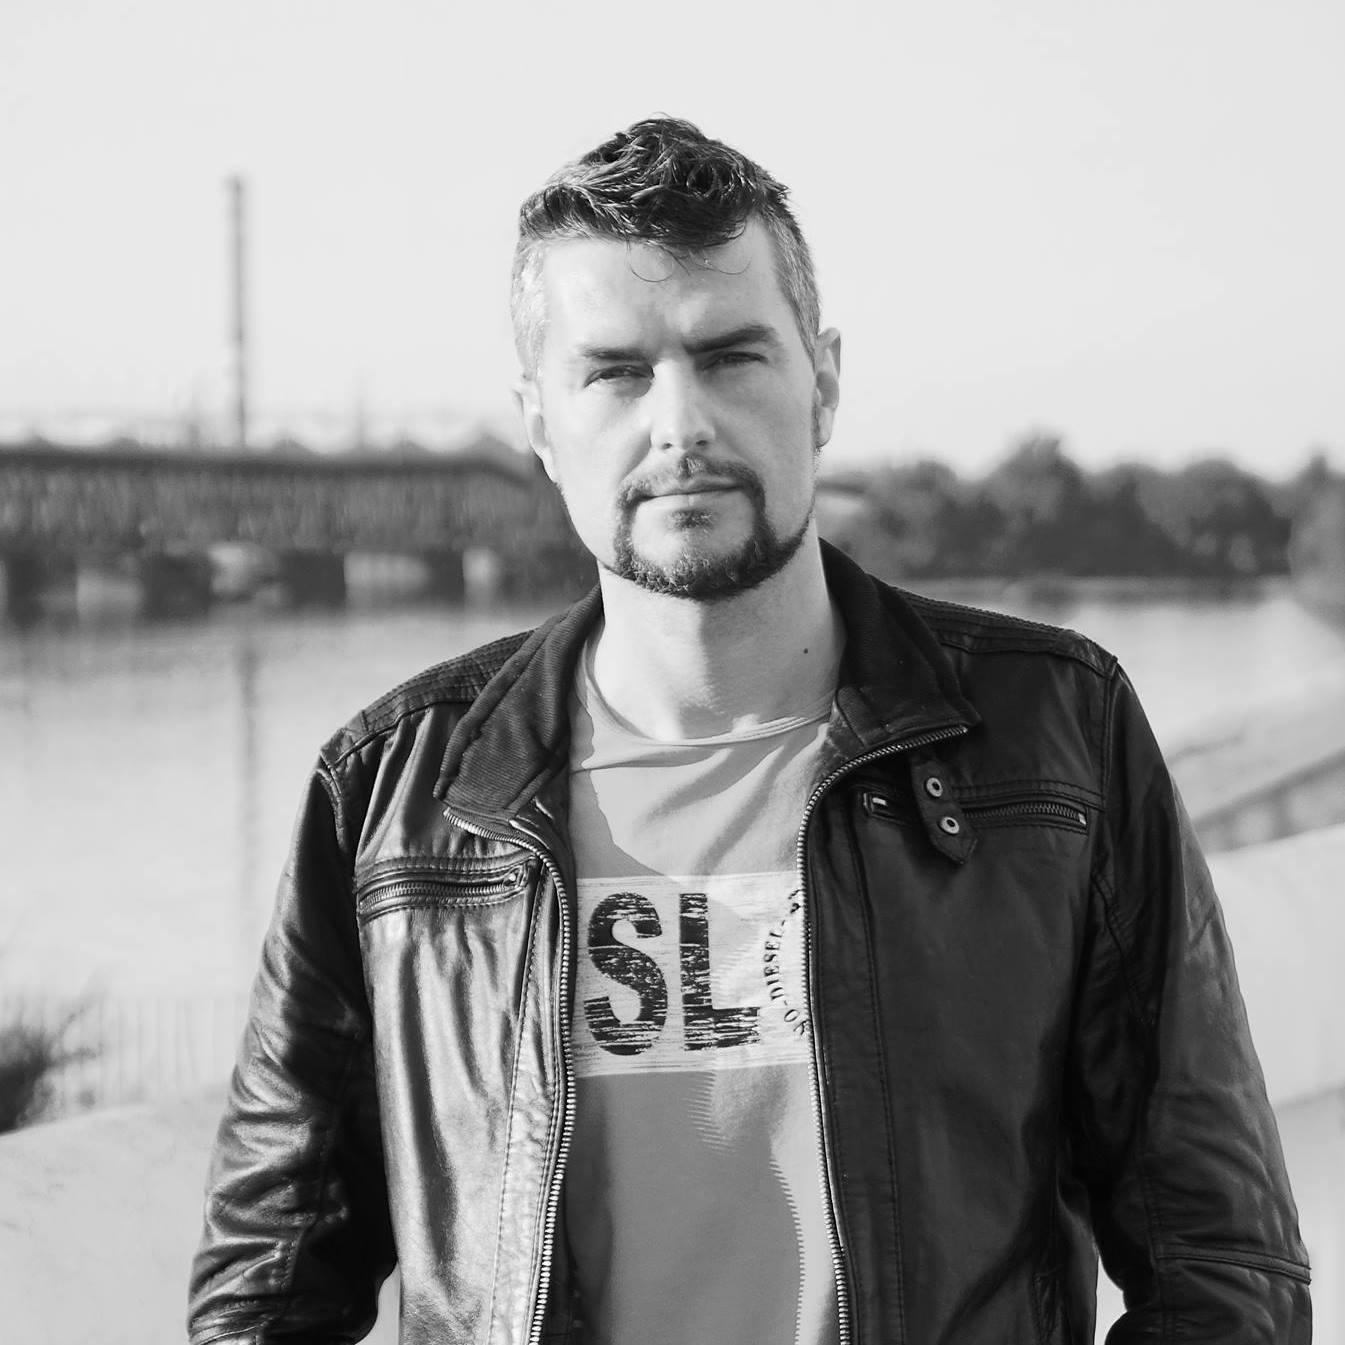 Алексей Лесниченко, Преподаватель образовательного центра ORT DNIPRO